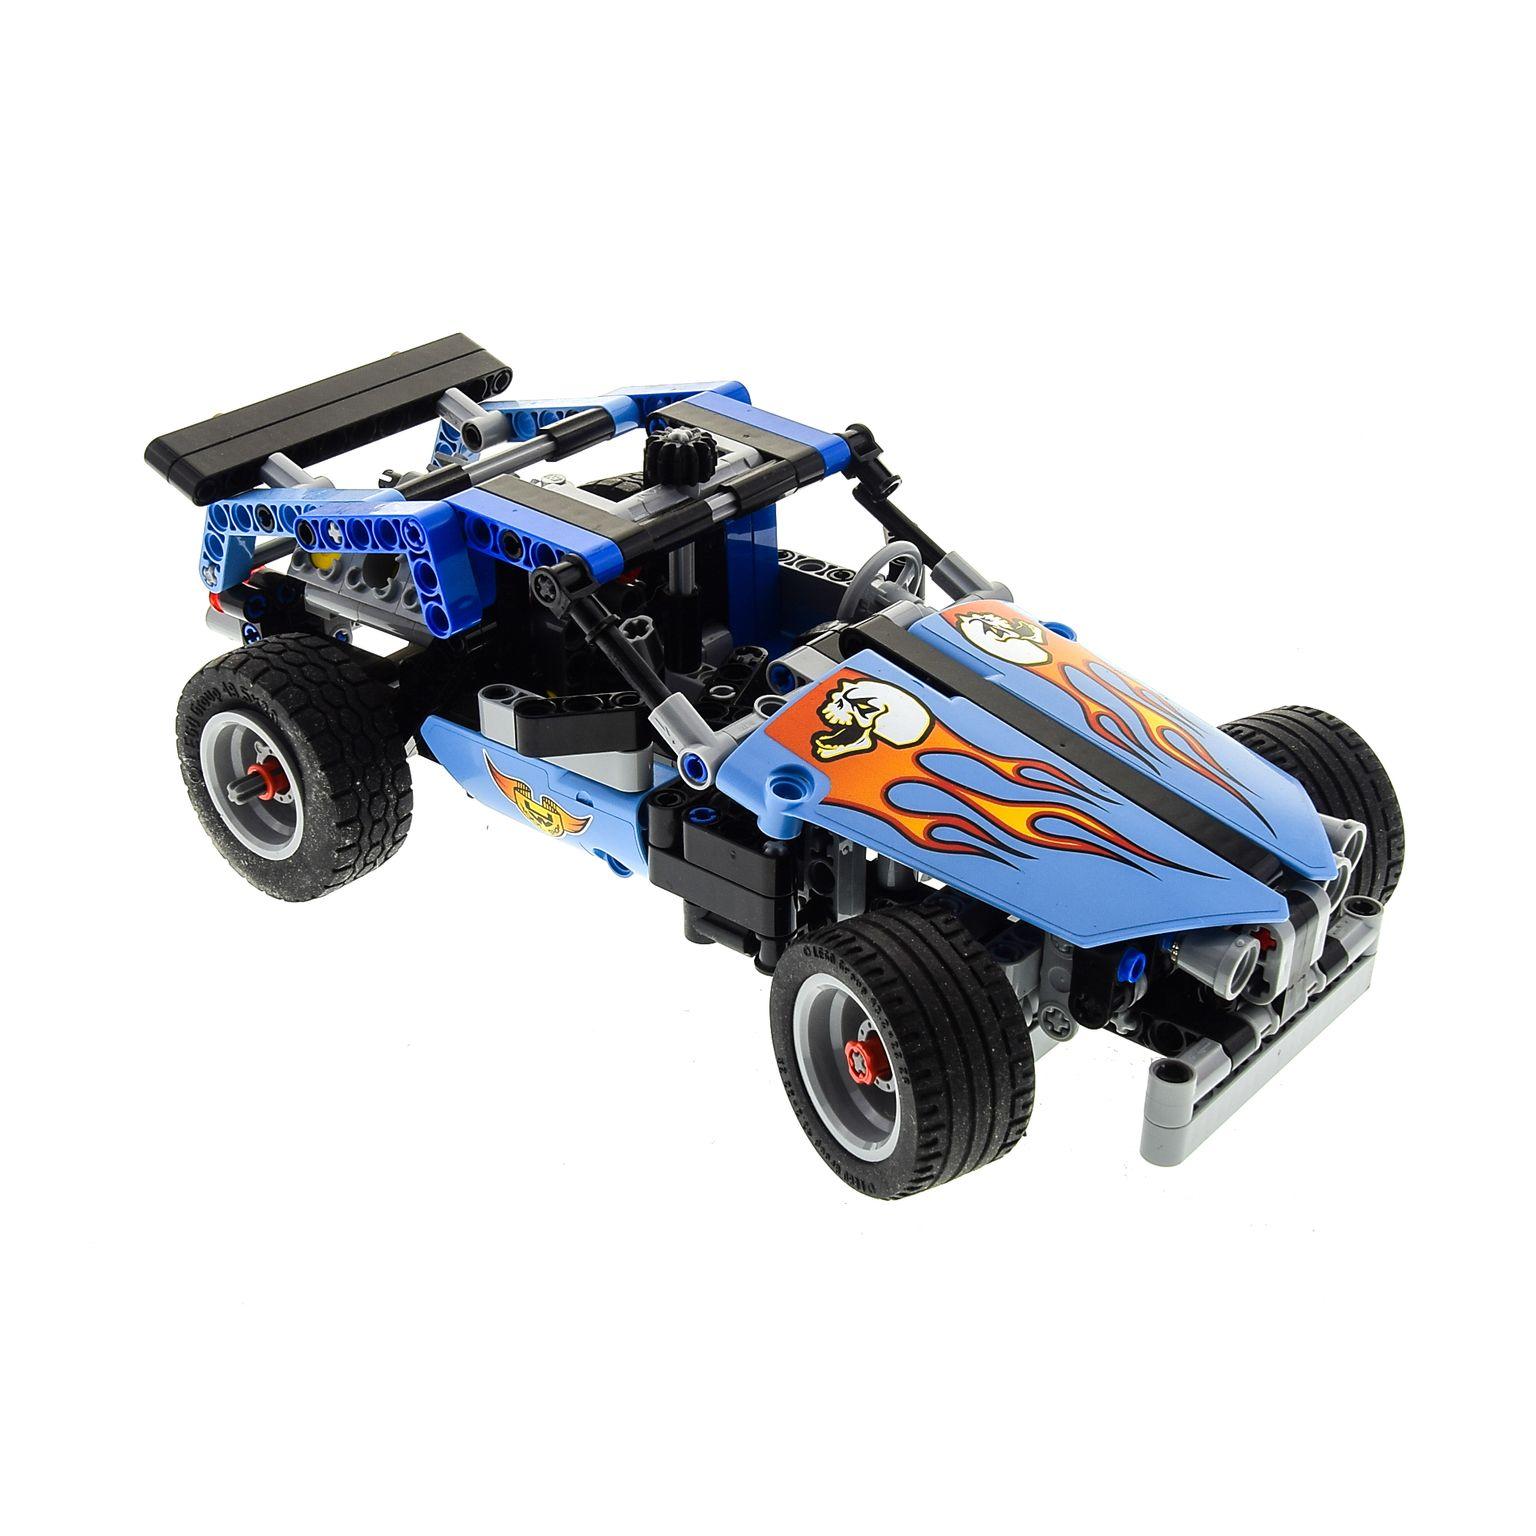 1 X Lego Technic Set Modell Race 42022 Rennwagen Hot Rod Car Technik